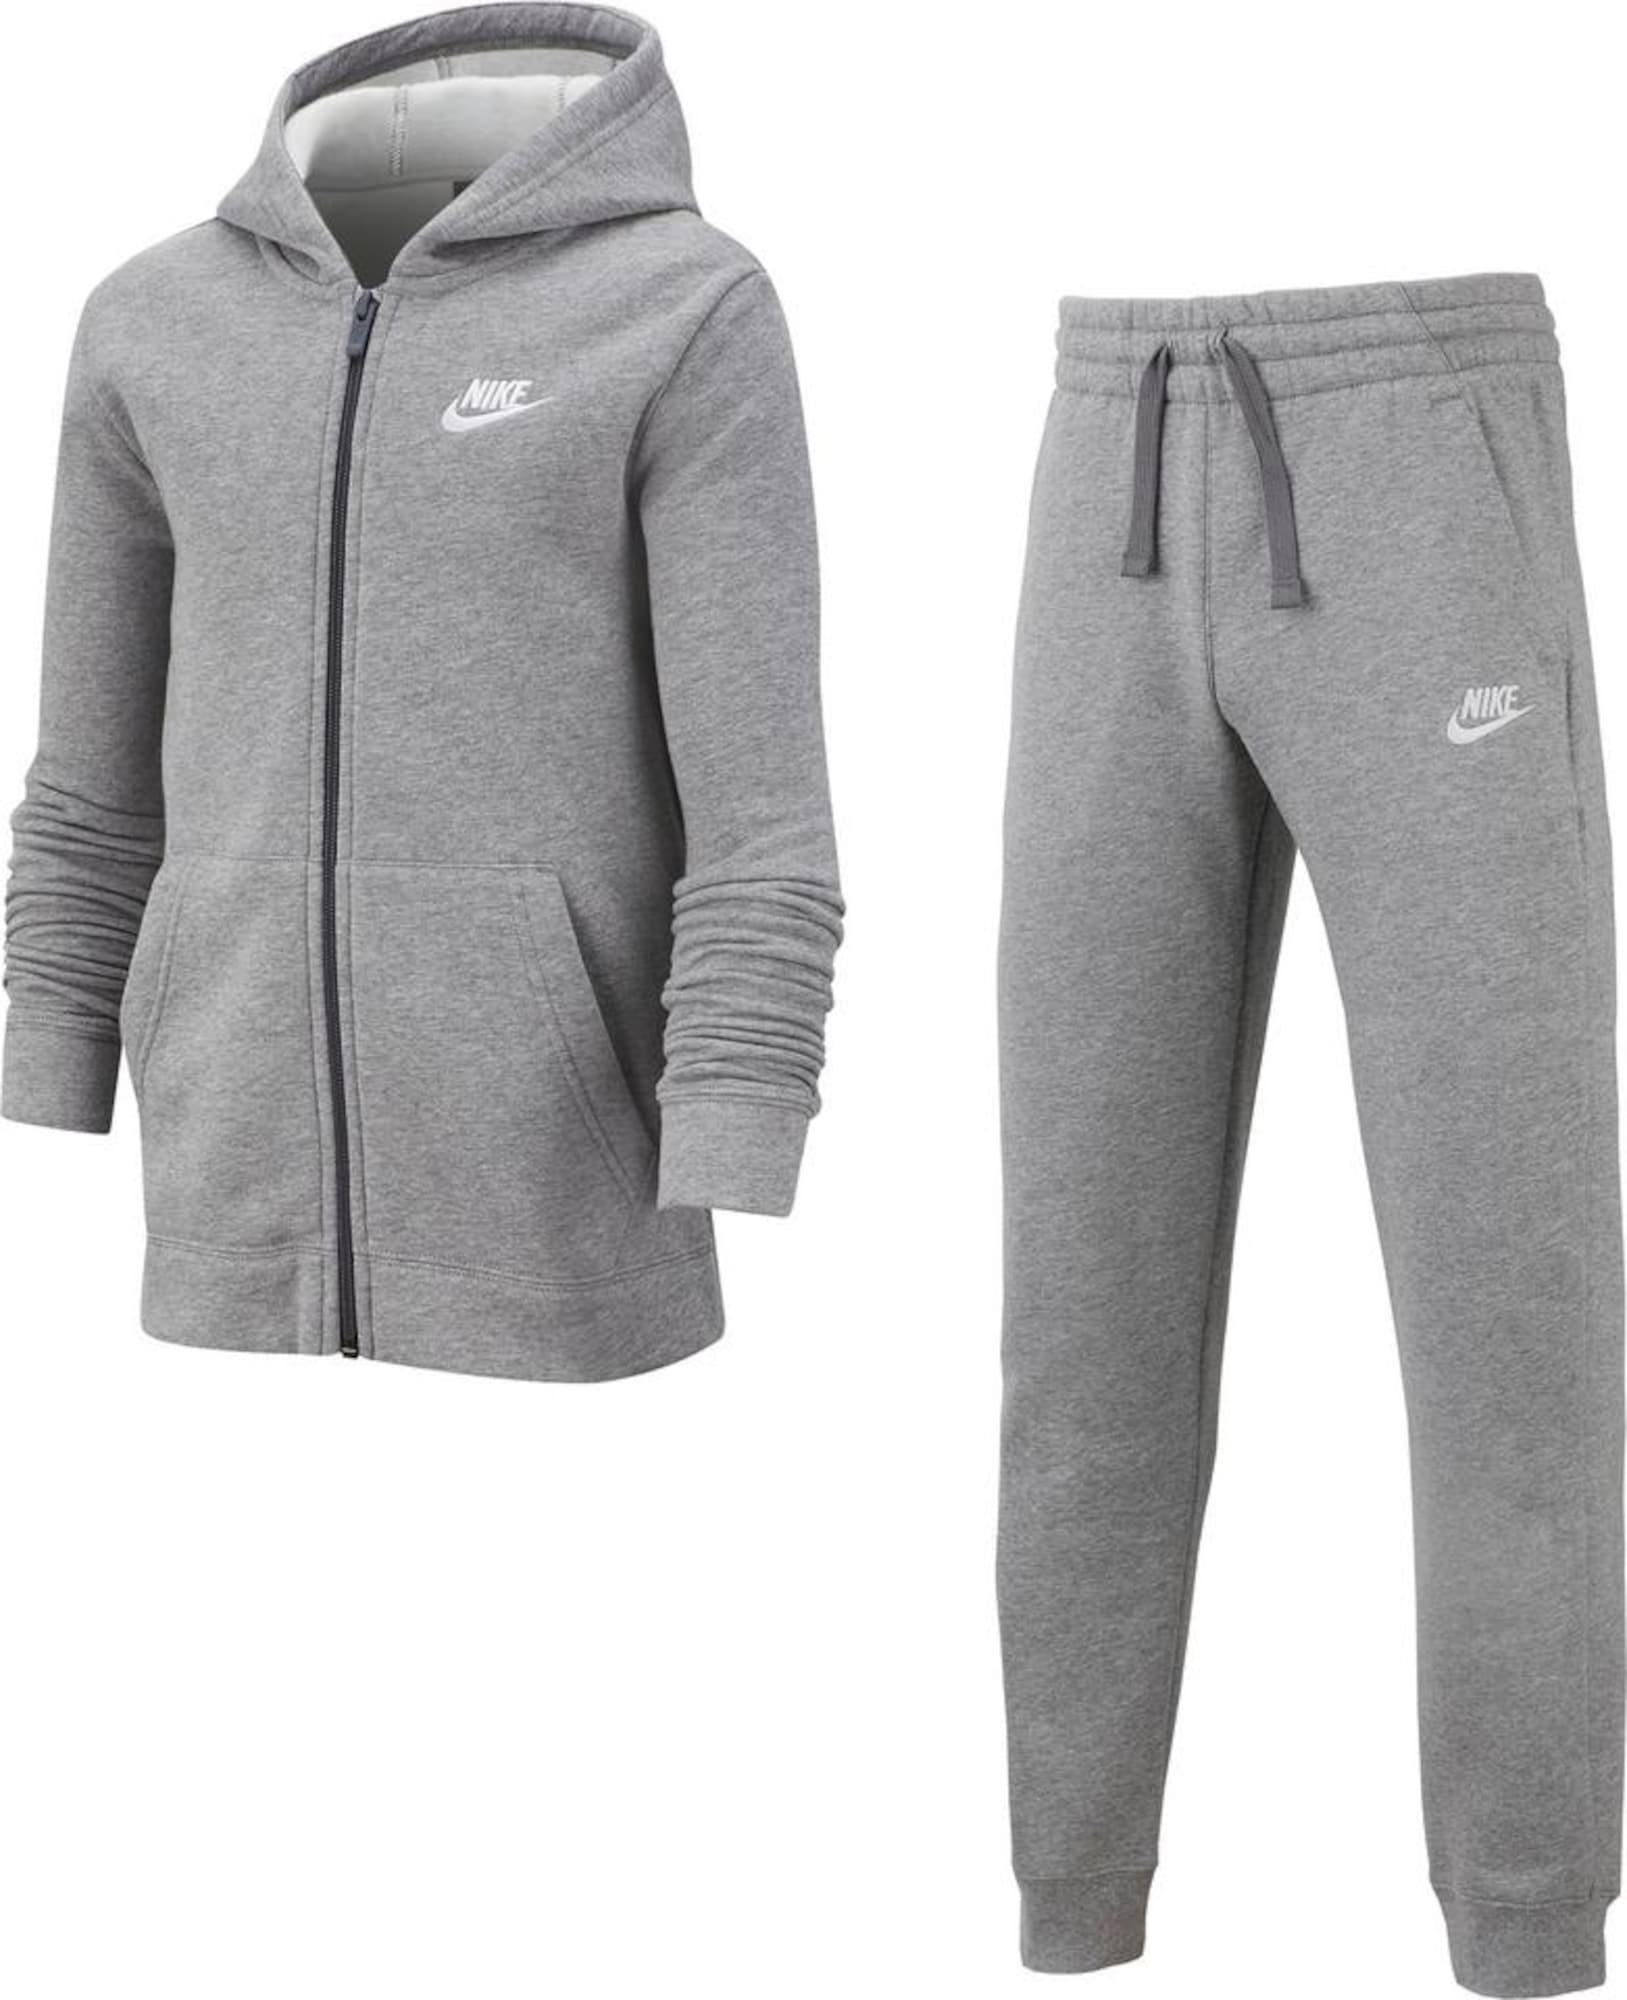 Nike Sportswear Laisvalaikio kostiumas 'TRK SUIT CORE BF' margai pilka